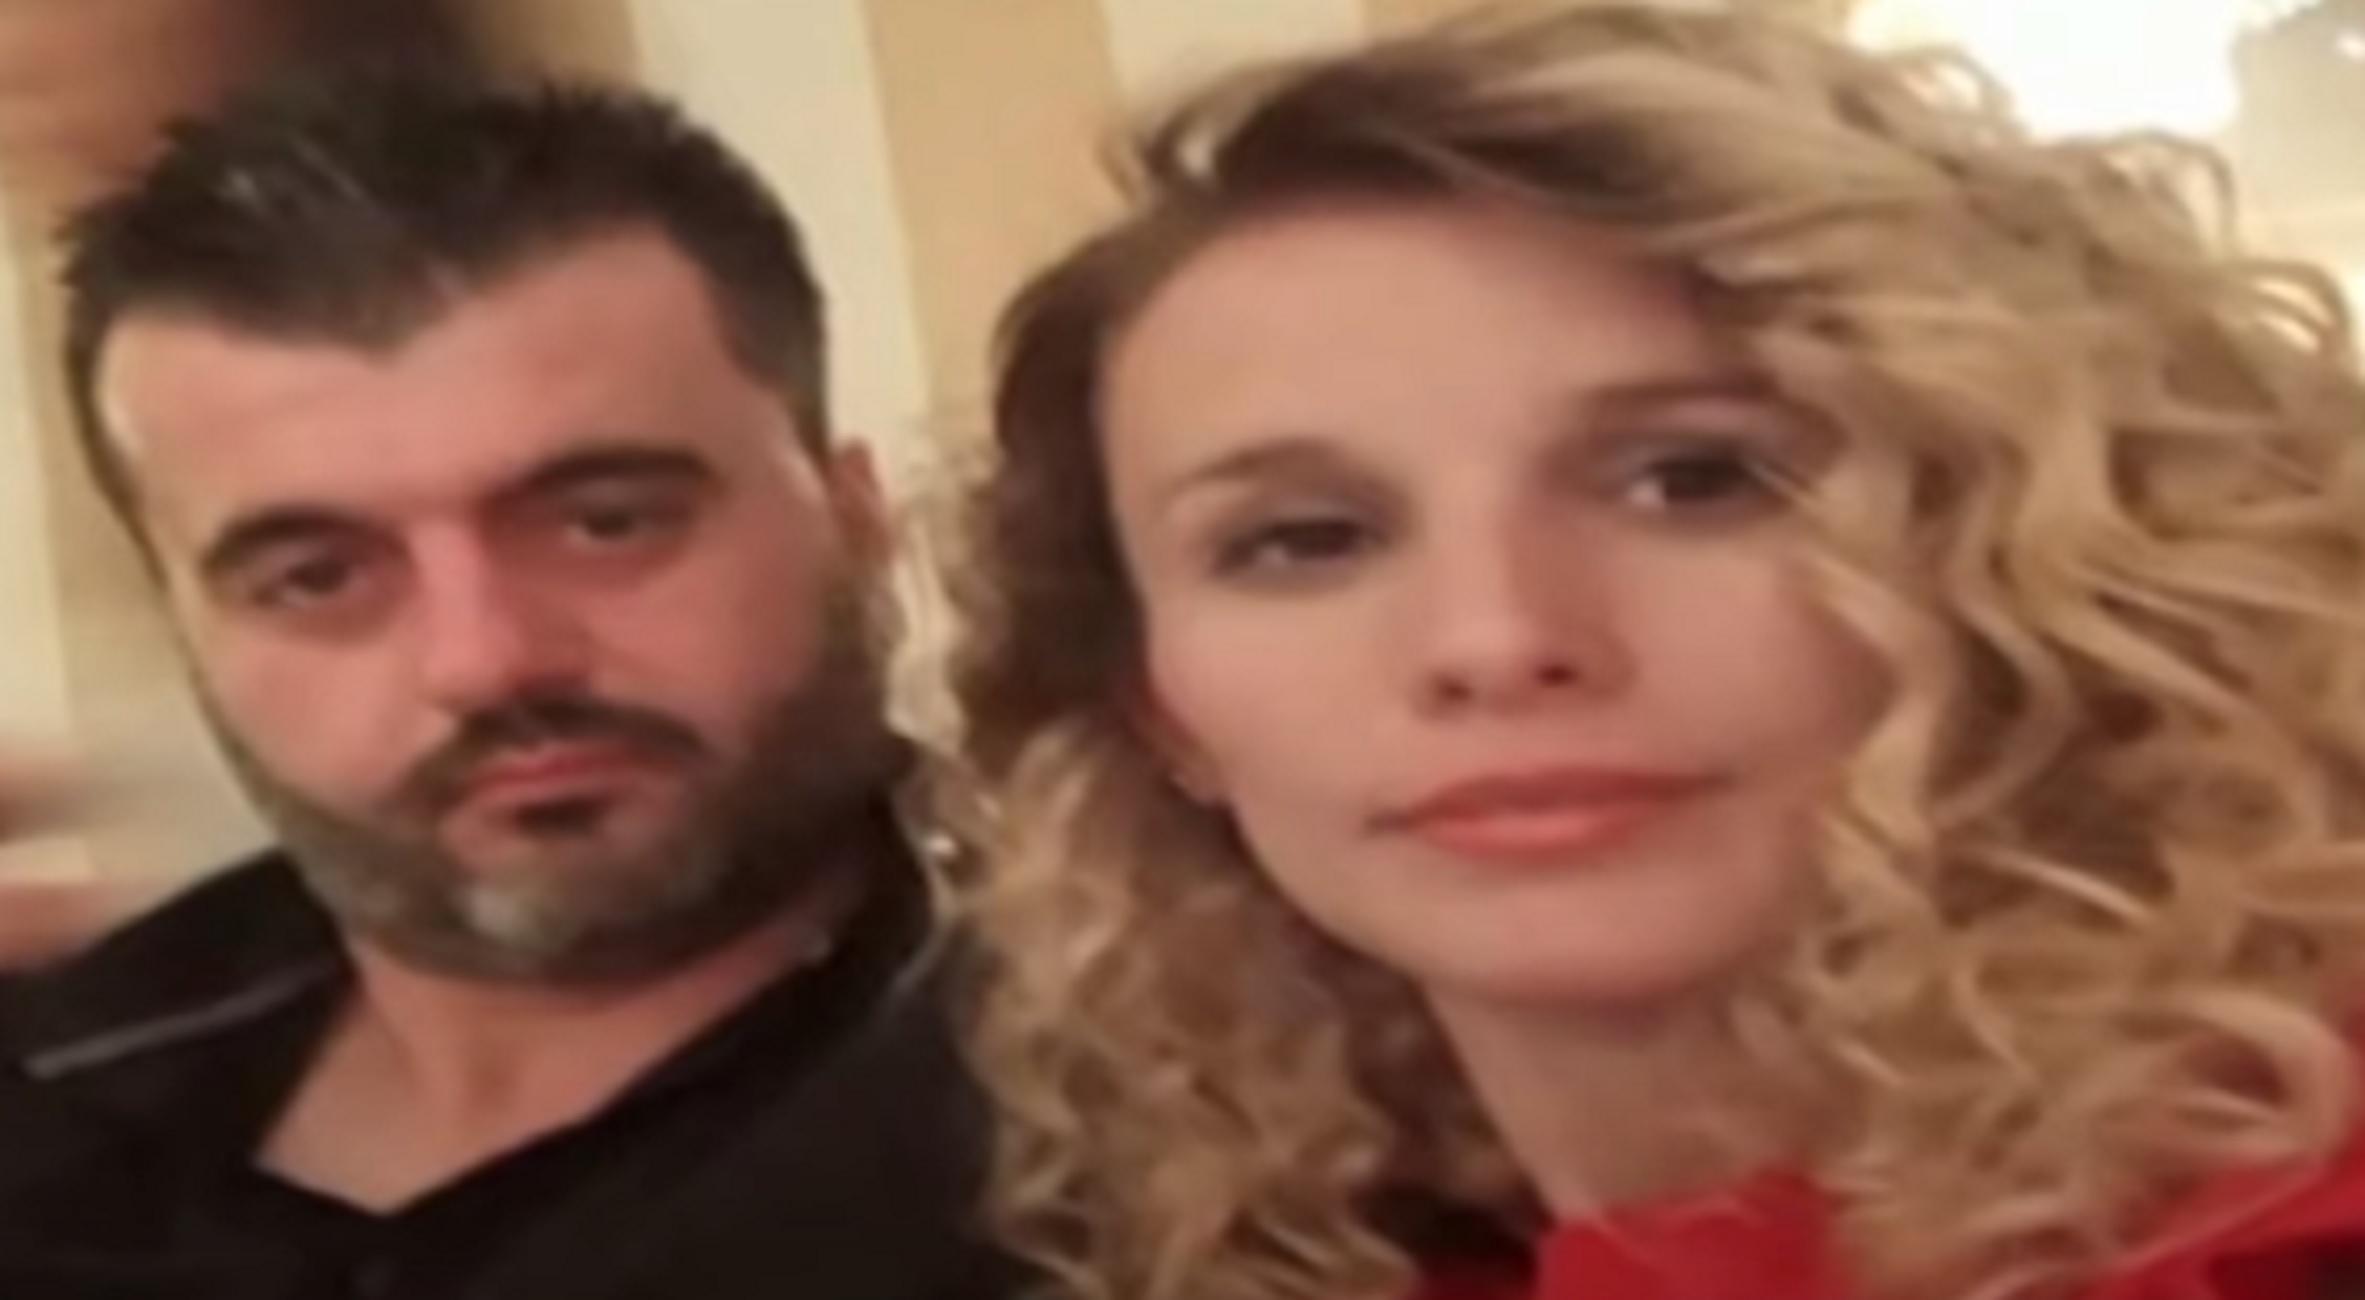 Κατερίνη: Συγκίνηση για το αγγελούδι που έχασε μάνα και πατέρα μέσα σε ένα χρόνο (video)